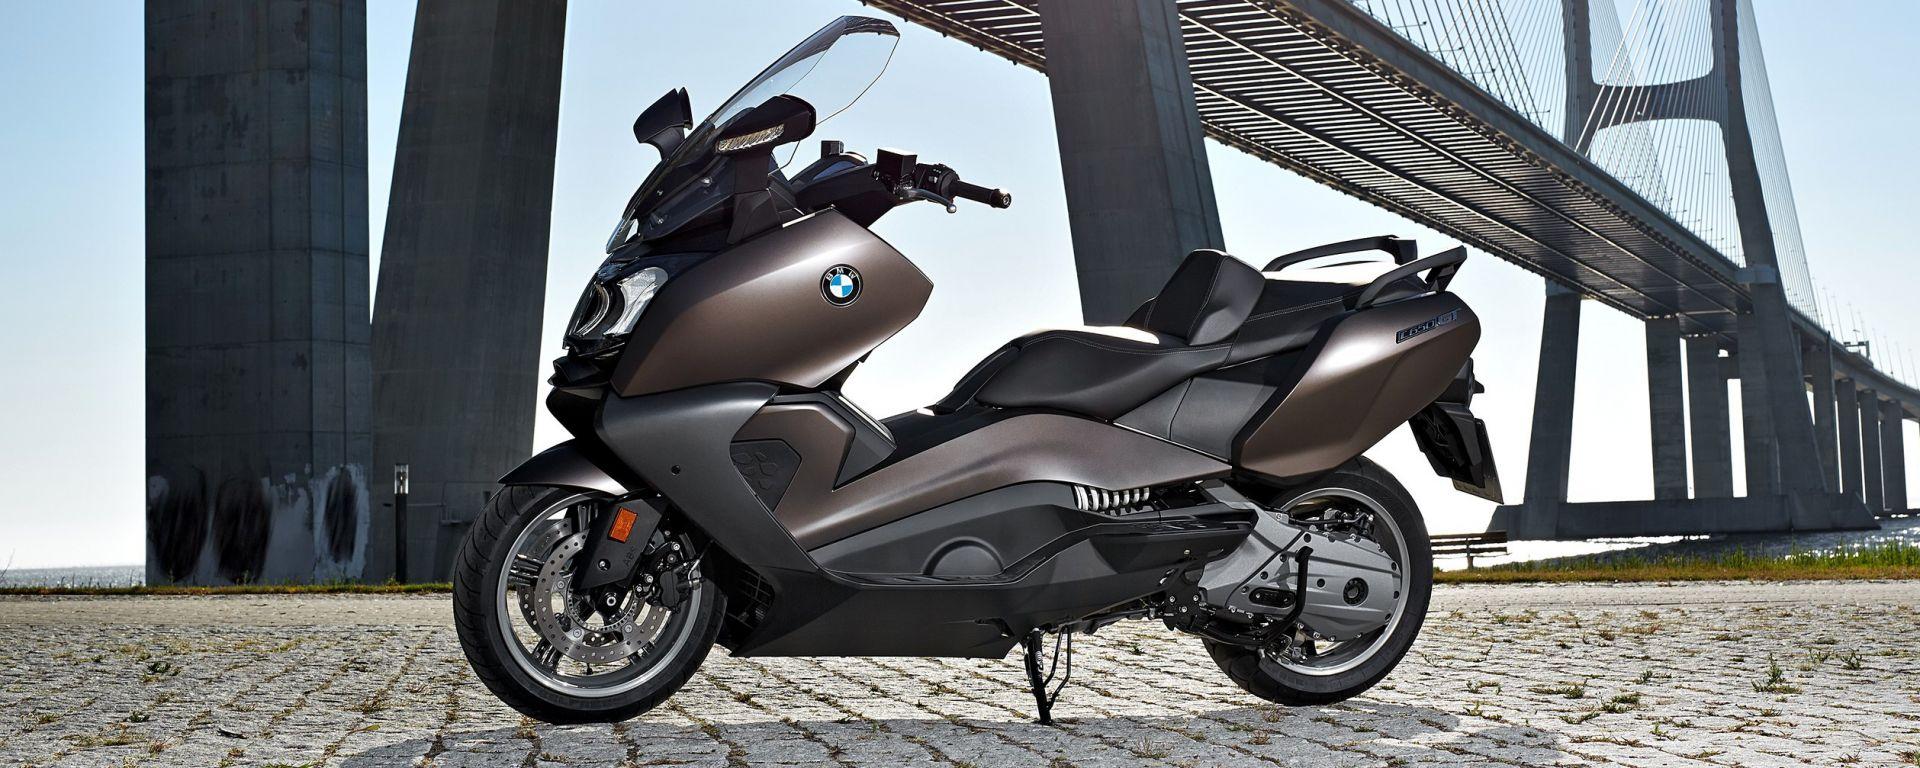 BMW C 650 GT 2016